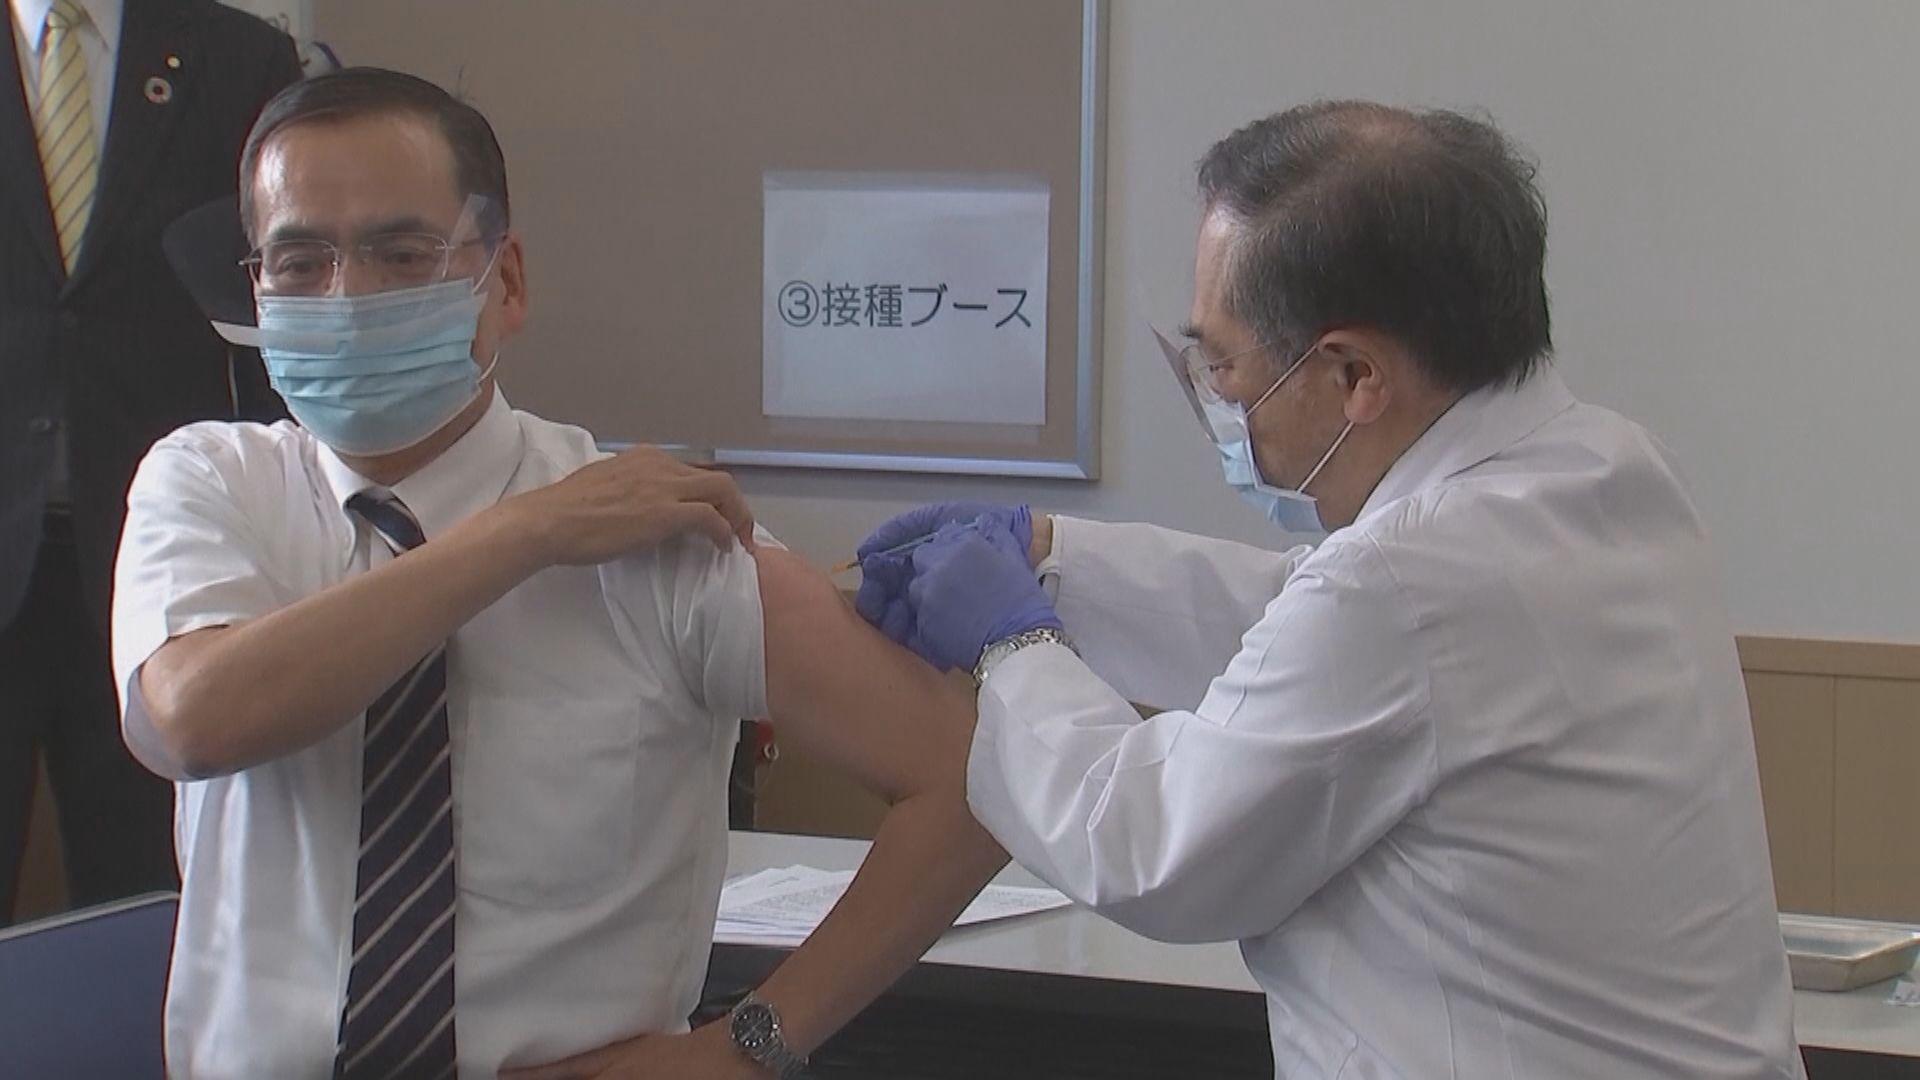 南韓將為保健員等接種阿斯利康疫苗 不包括30歲以下人士